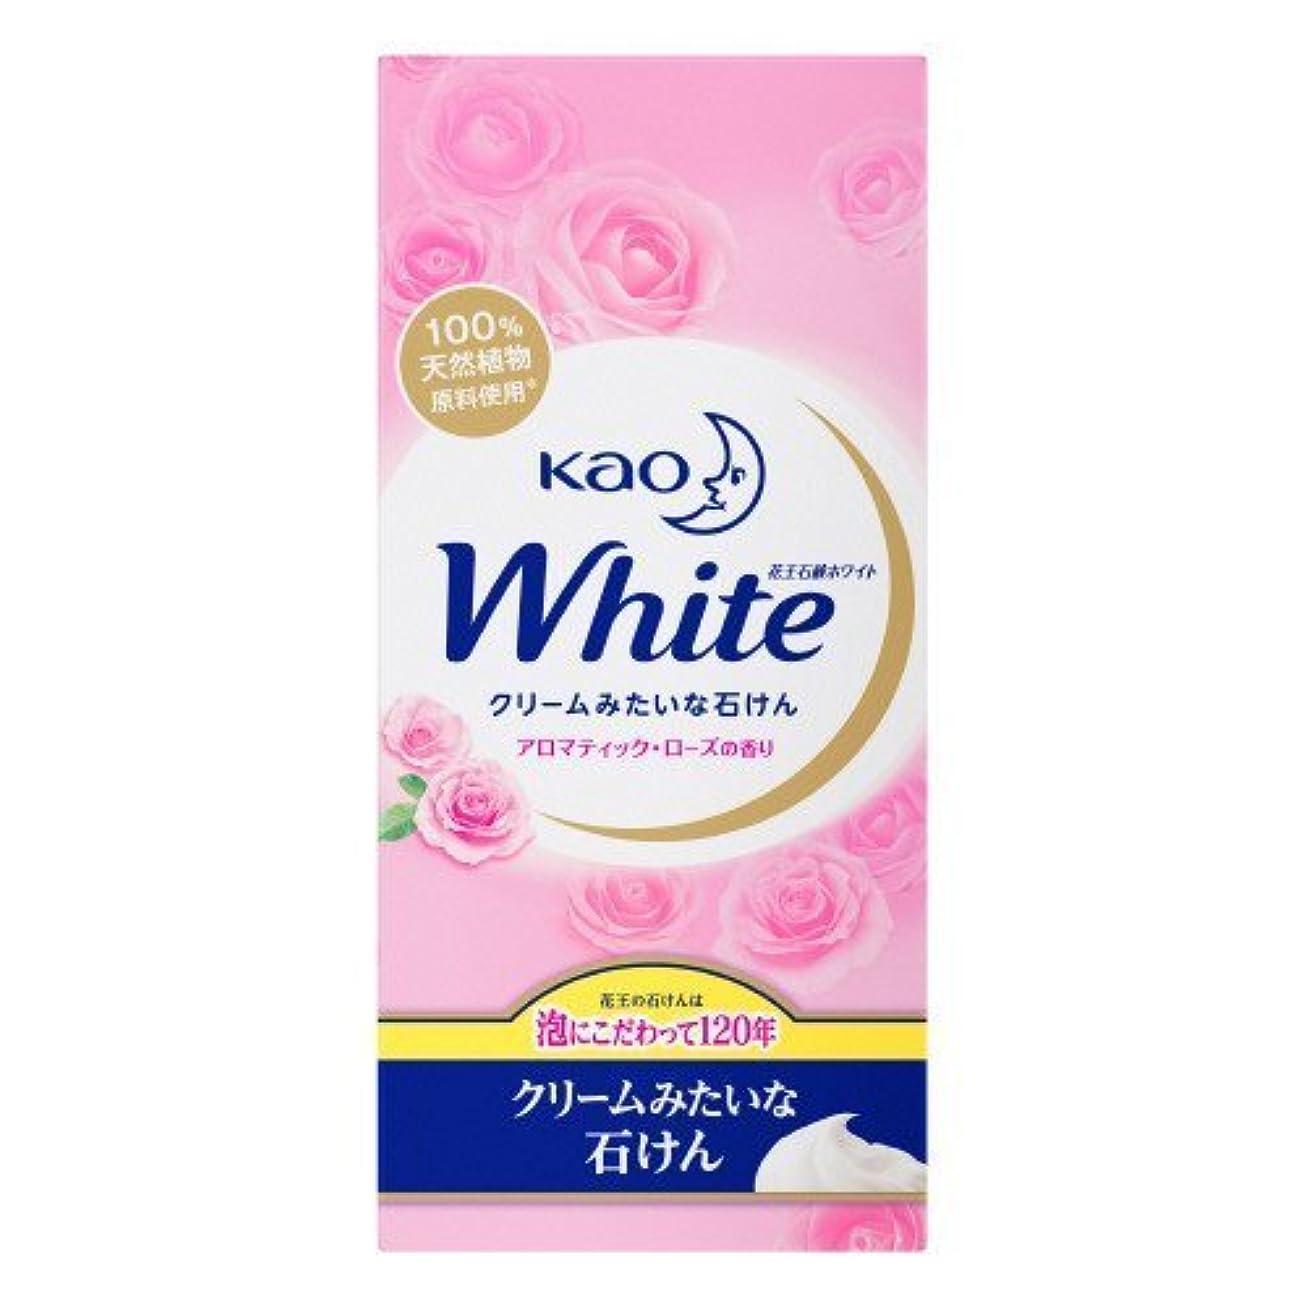 虚栄心小道好きである【花王】花王ホワイト アロマティックローズの香りレギュラーサイズ (85g×6個) ×5個セット